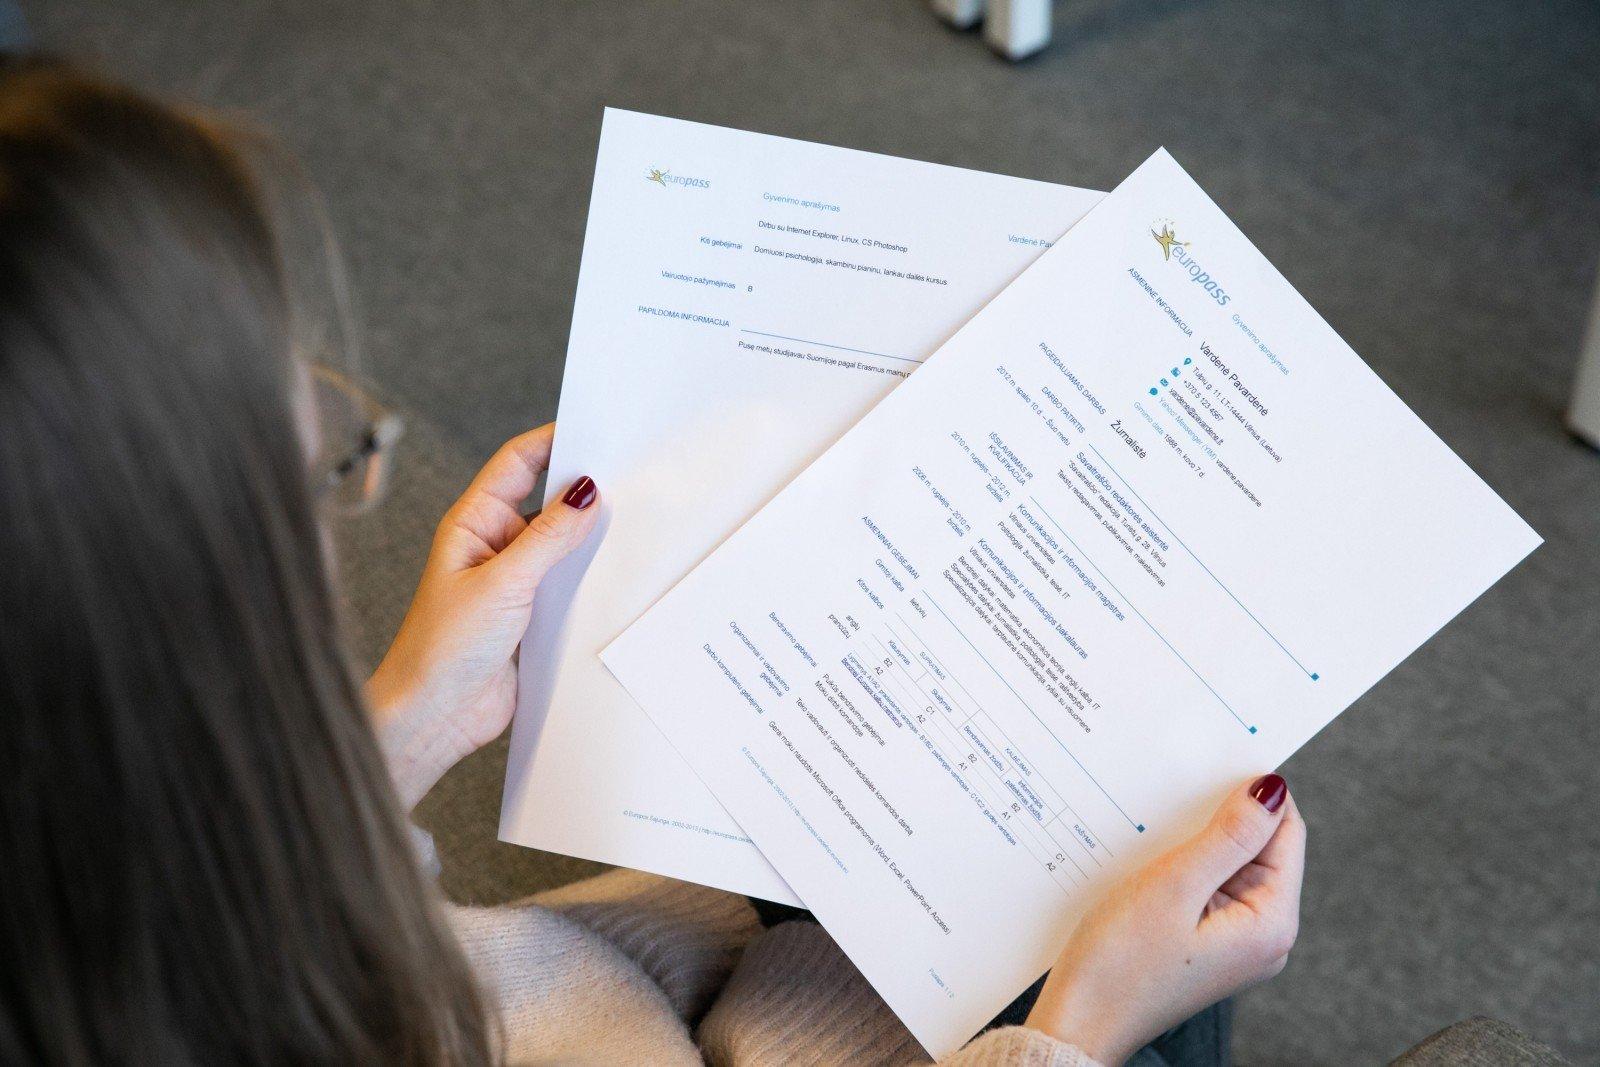 įmonių siūlančių namų darbus sąrašas